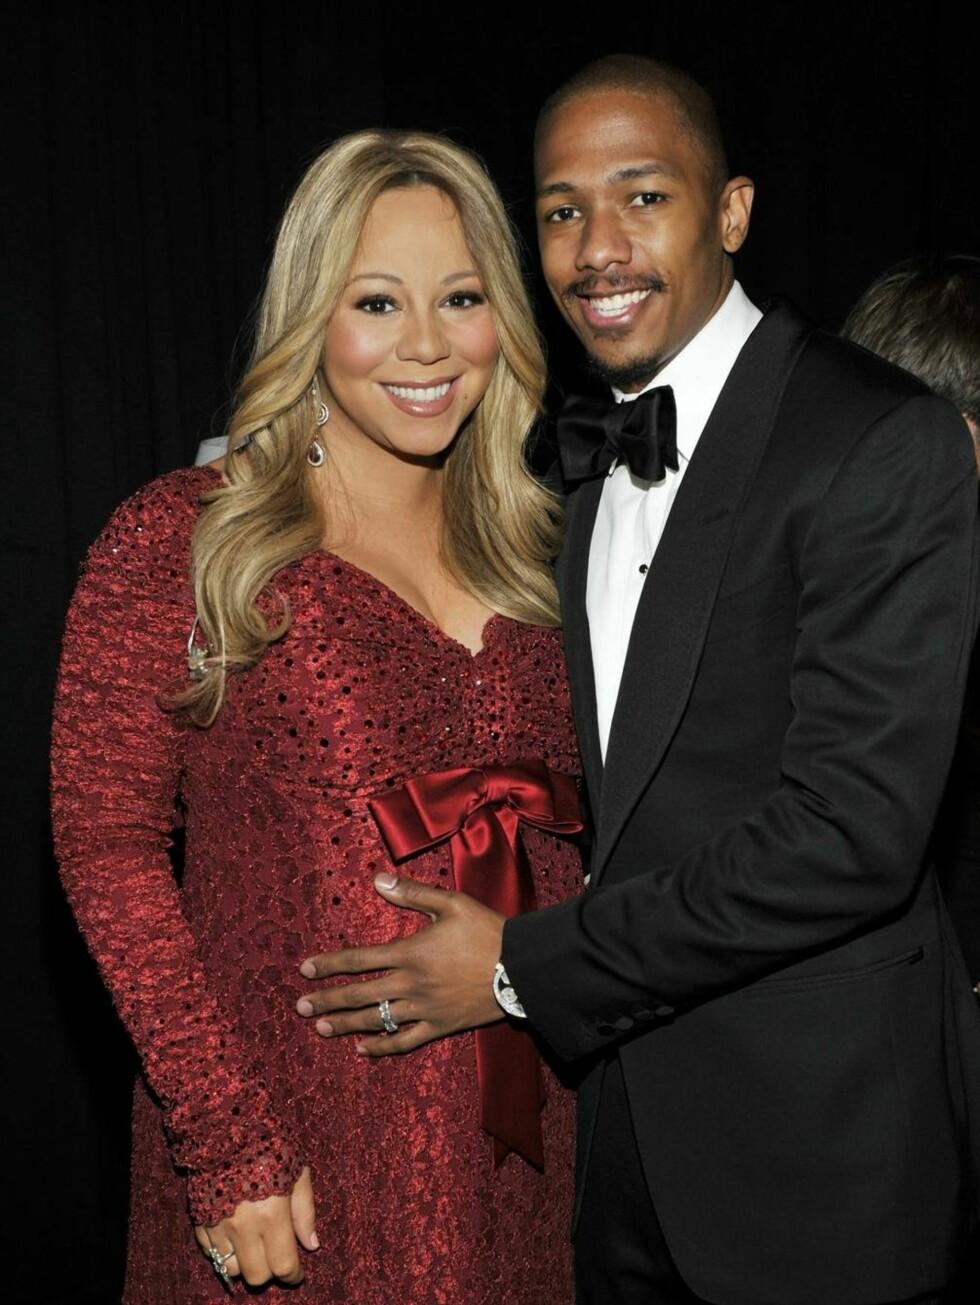 HELLIG: Mariah Carey og Nick Cannon hadde ikke sex med hverandre før bryllupsnatten. I dag er de to foreldre til tvillingene Monroe og Moroccan.  Foto: All Over Press